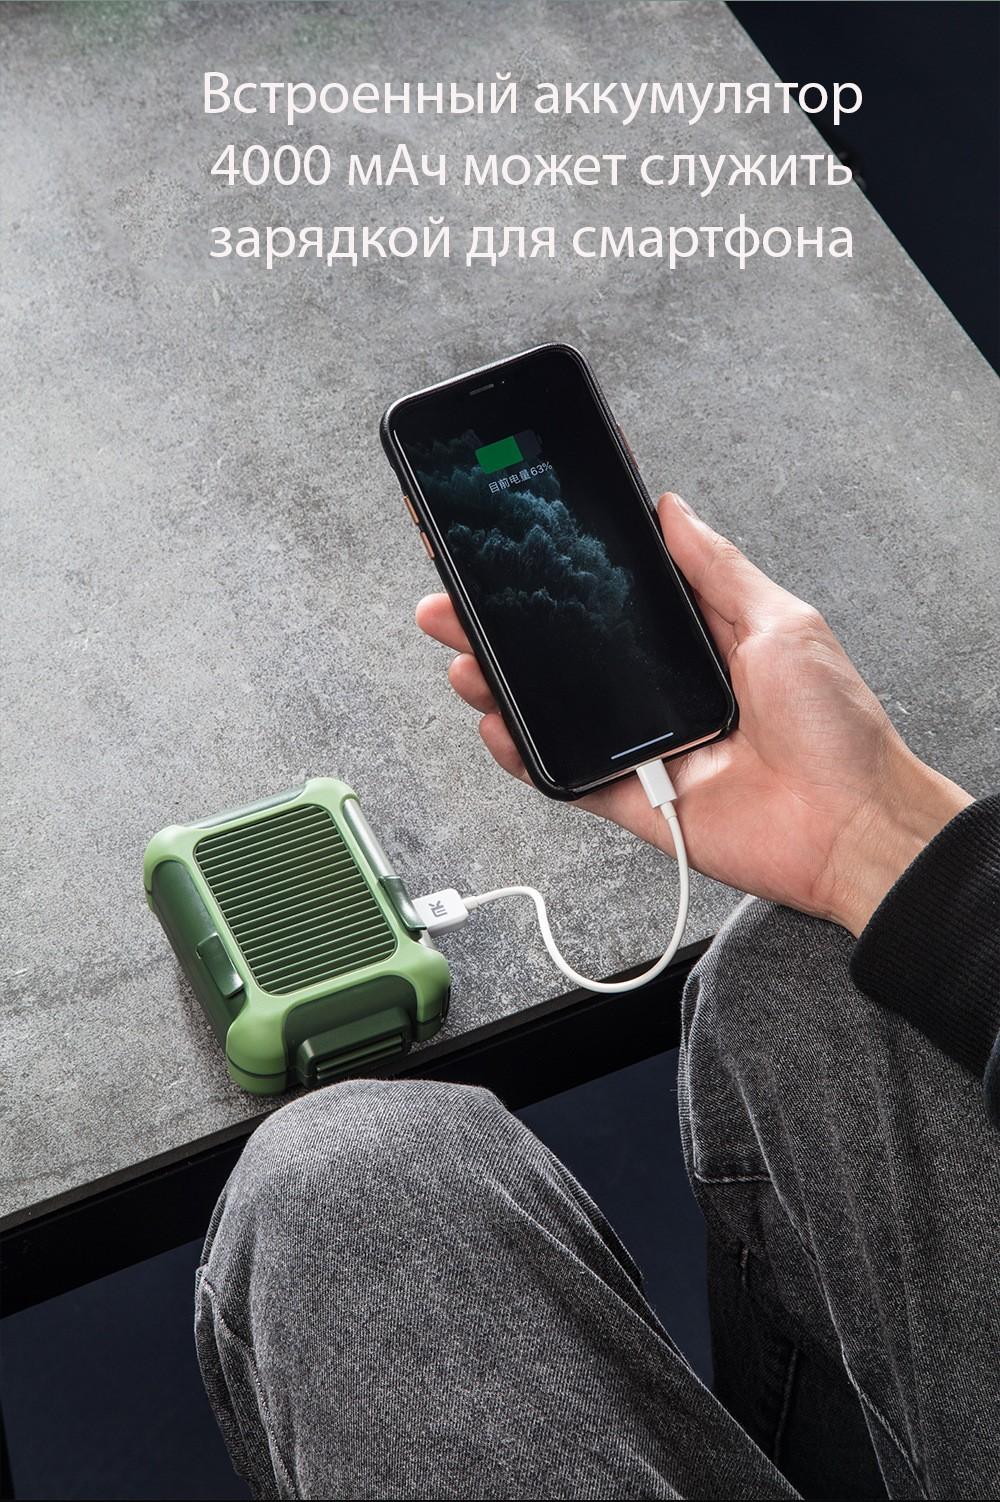 USB вентилятор с зажимом для одежды с Power Bank 4000 мАч 13 - Портативный USB-вентилятор с зажимом для одежды с Power Bank 4000 мАч